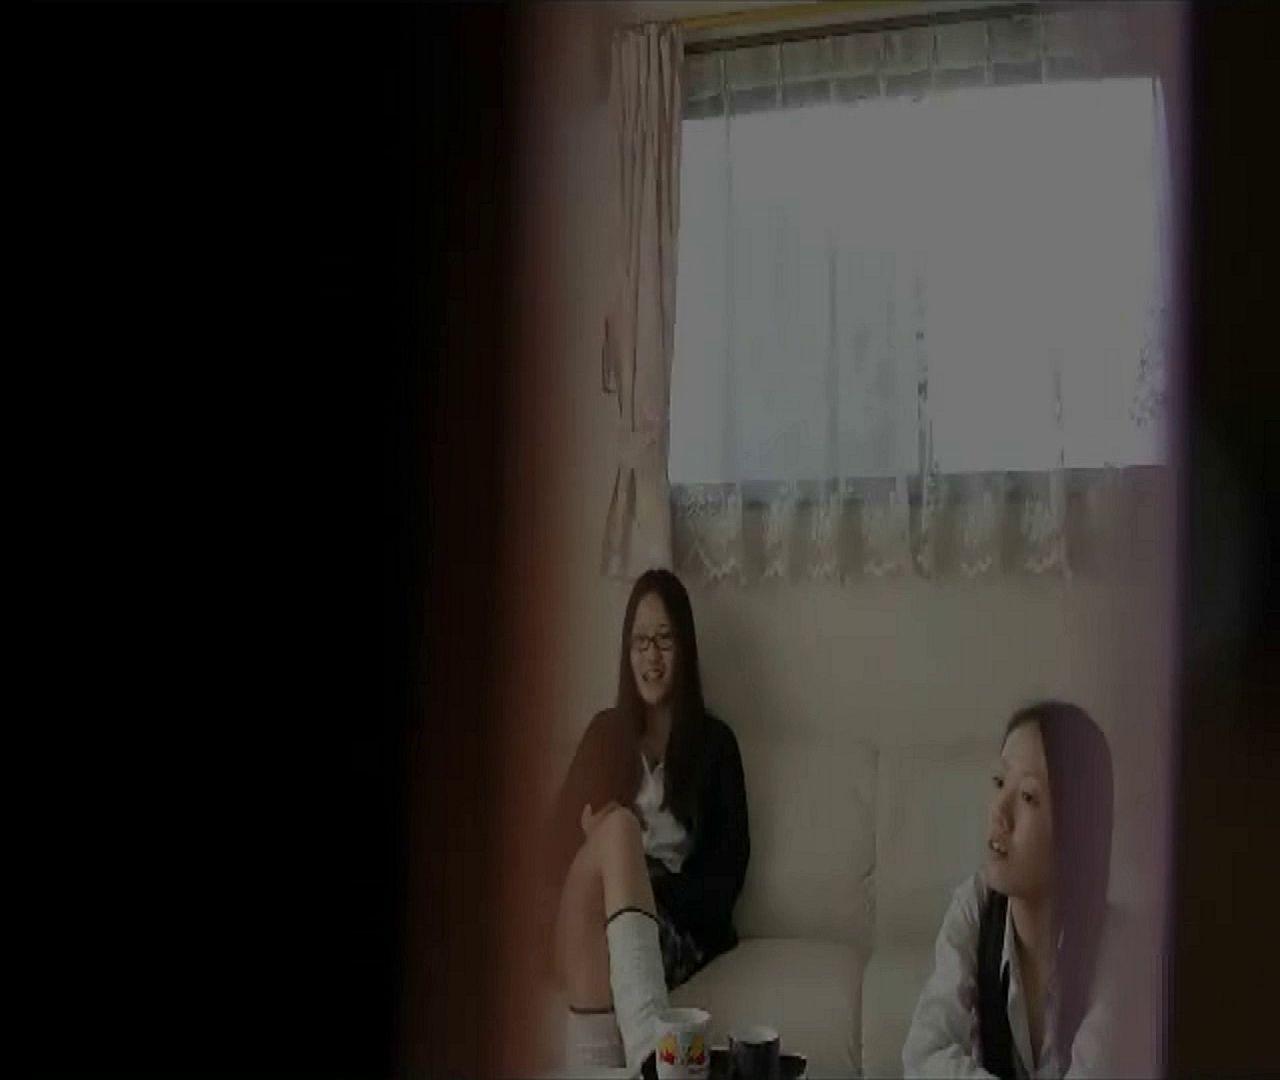 二人とも育てた甲斐がありました… vol.01 まどかとレイカの日常 OLセックス  91画像 80